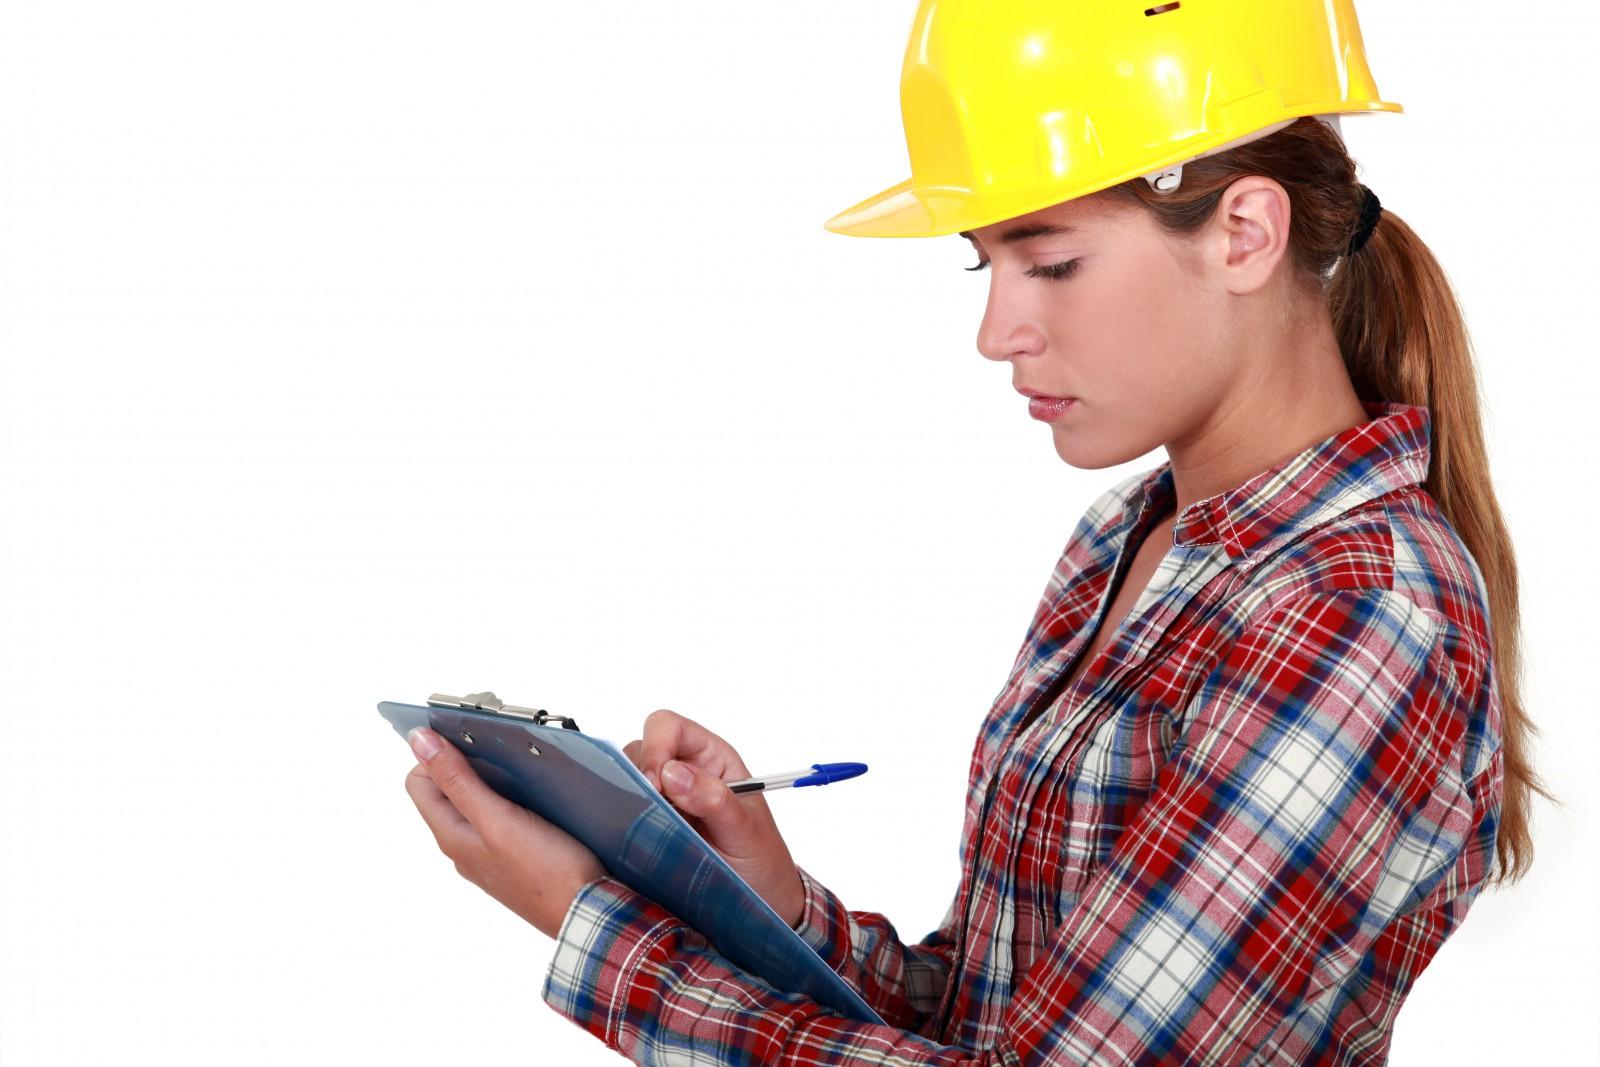 Перечень рабочих мест для специальной оценки условий труда: образец